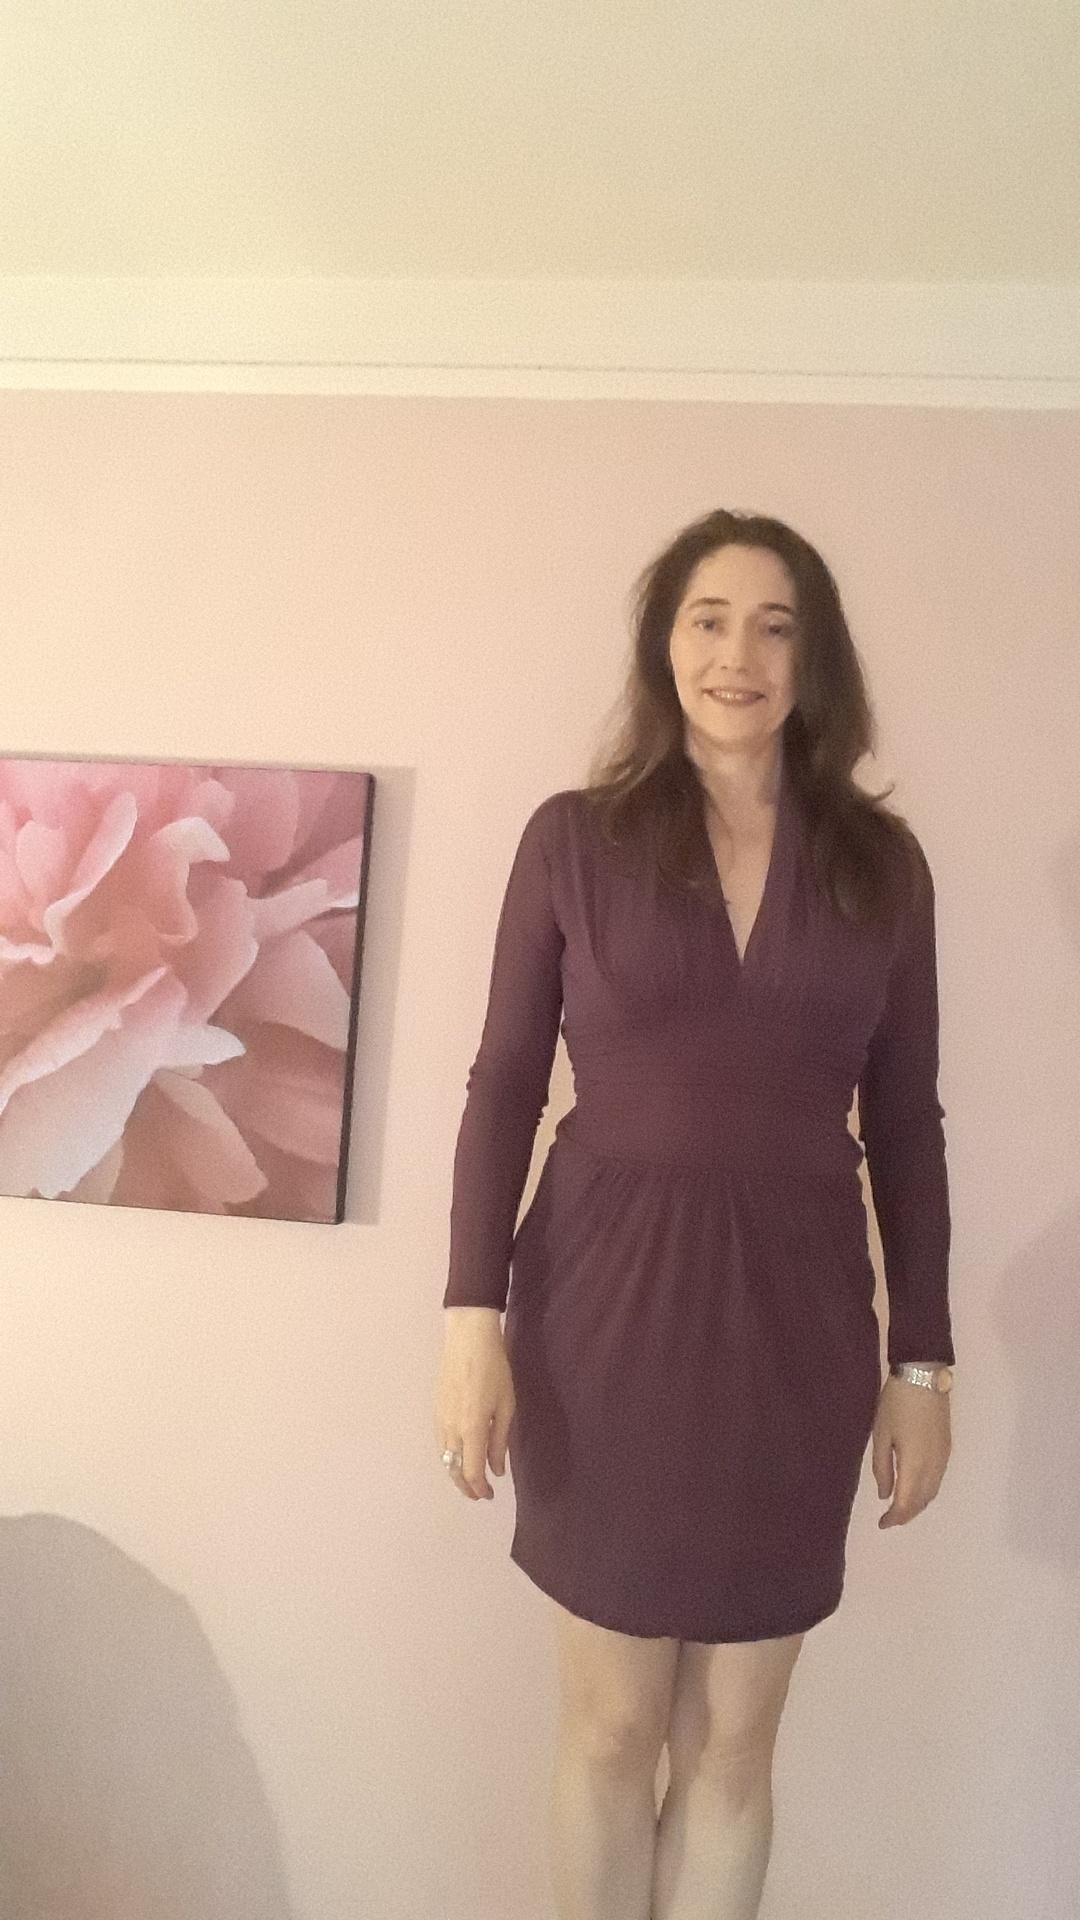 MelissaJones1747's Gallery